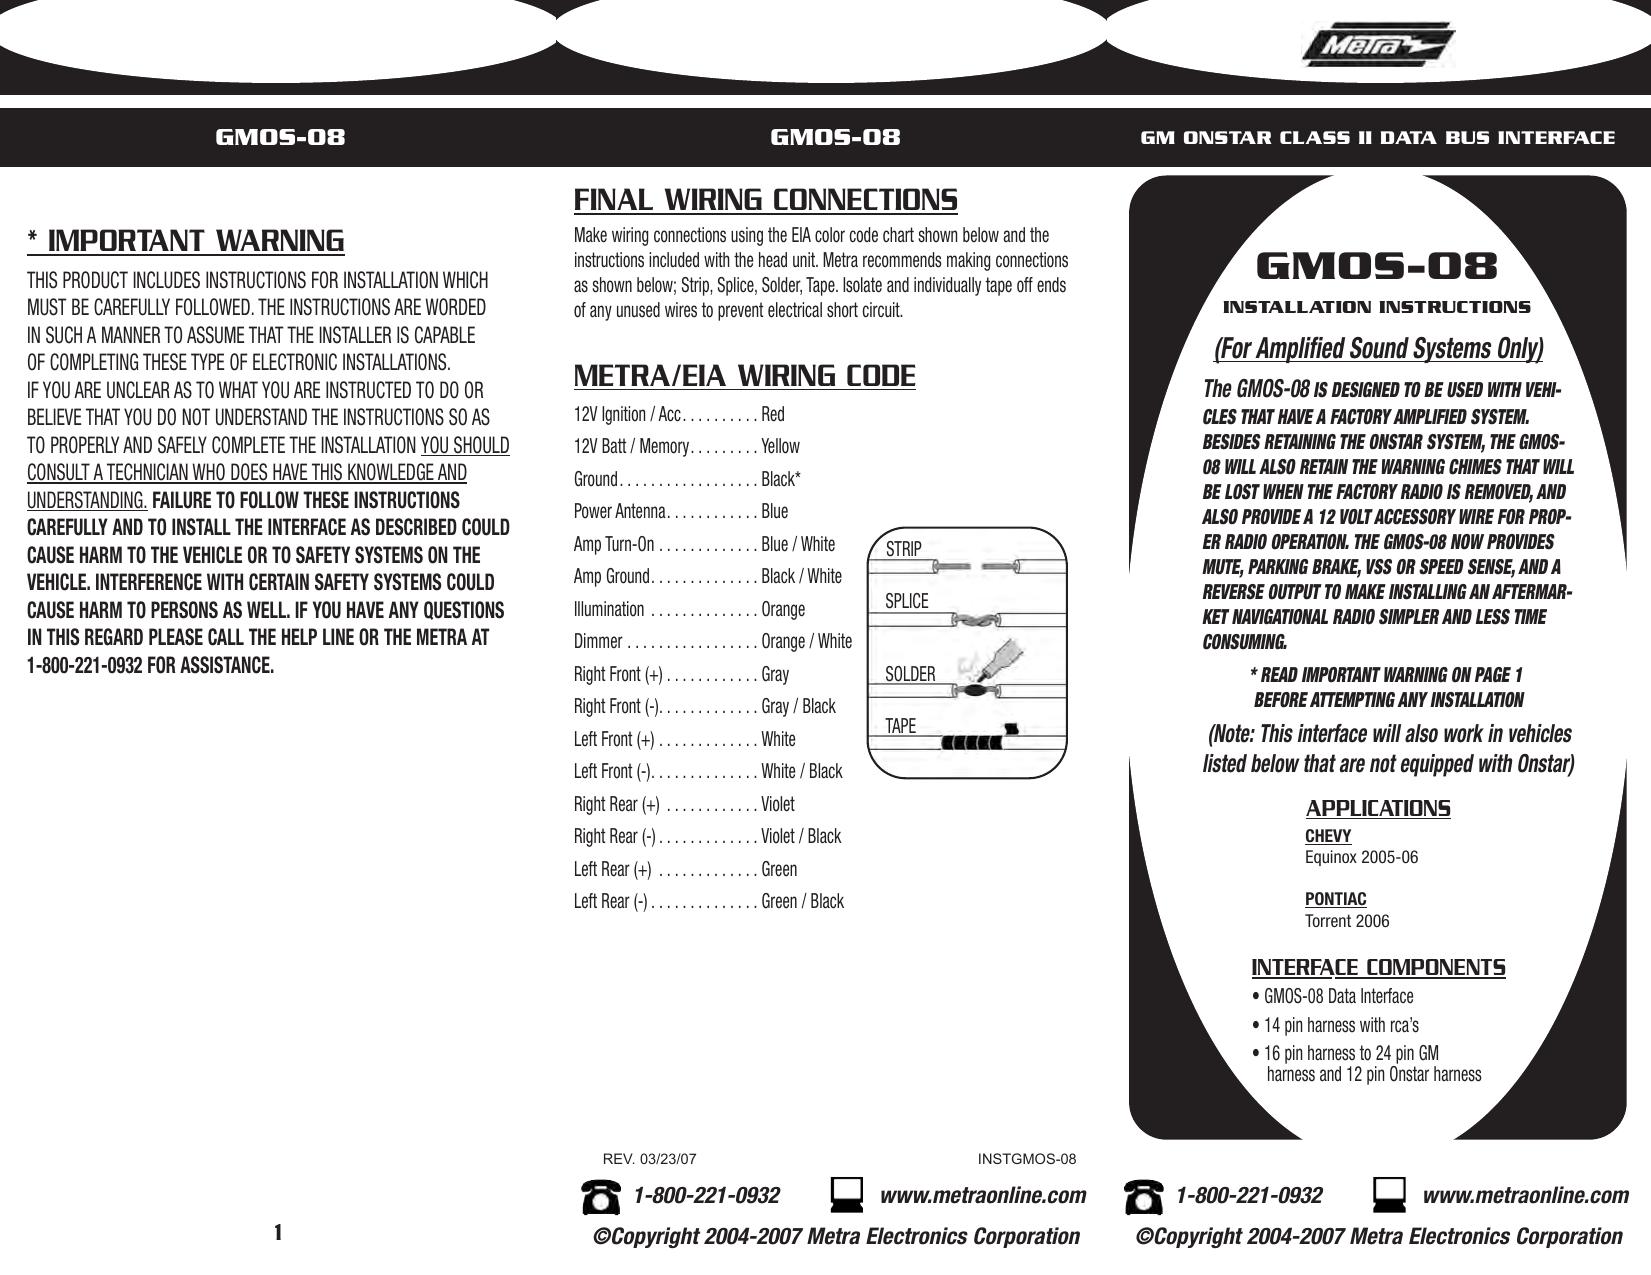 GMOS-08 - CatalogRack   manualzz.com on onstar antenna, onstar modules, onstar controls, onstar ignition,